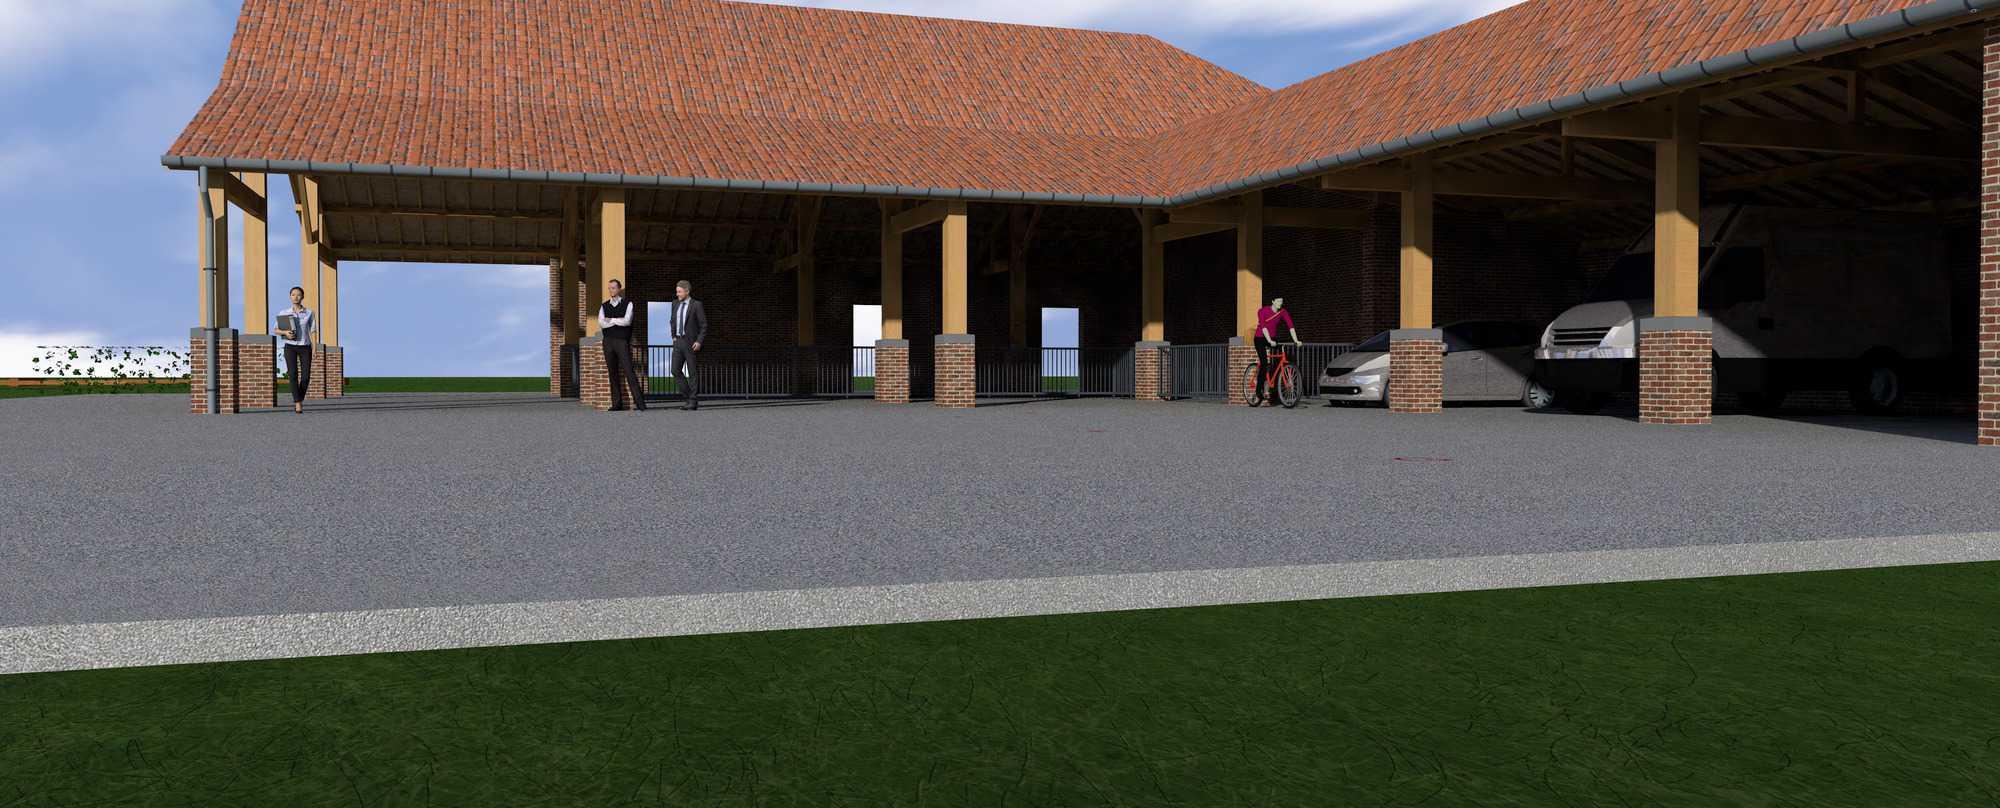 Detail afbeelding 1 van S & C   –   Tiendenschuur   –  Wiemismeer | Ontwerp door architect Patrick Strackx